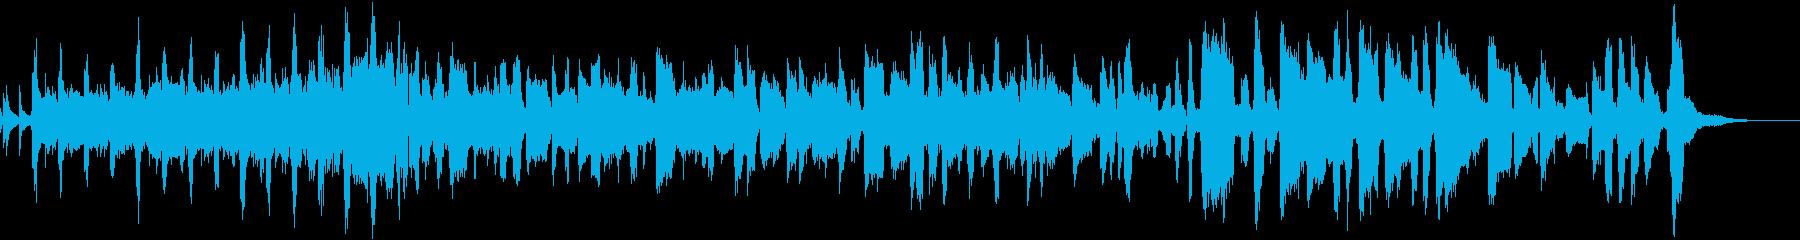 なすをテーマにした楽曲の再生済みの波形